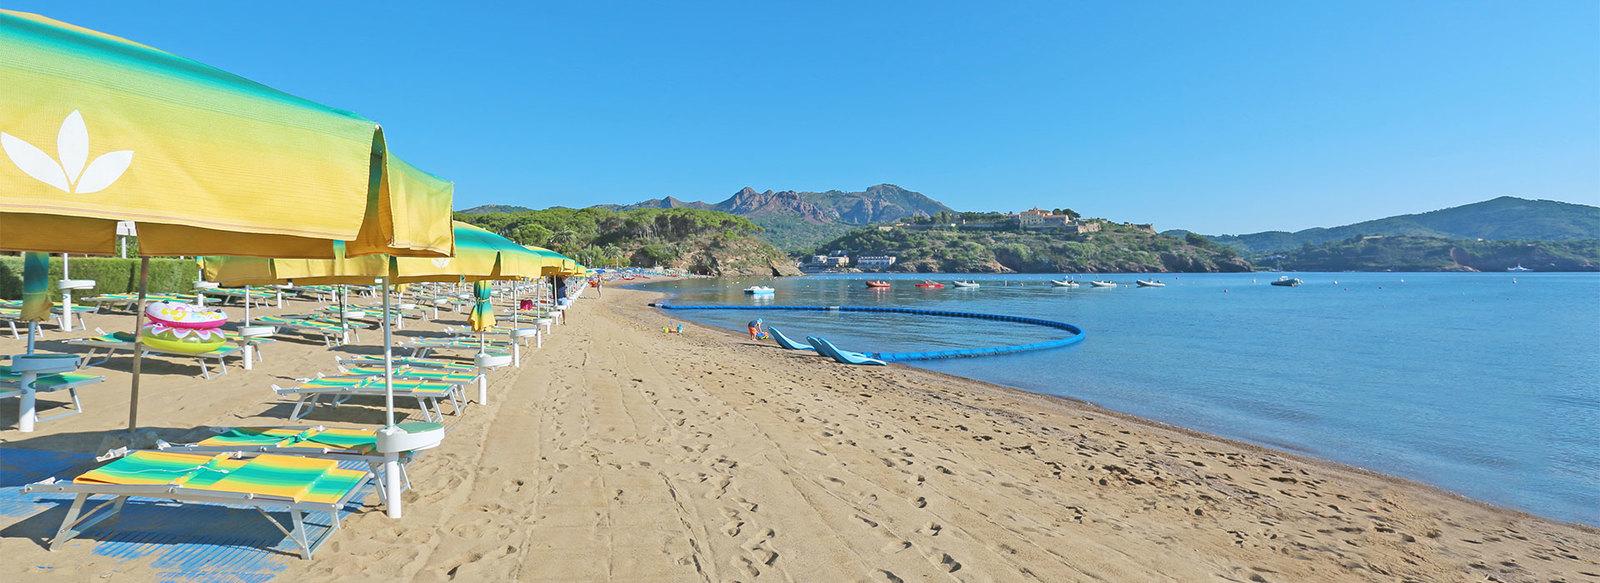 Spiaggia inclusa, fronte mare